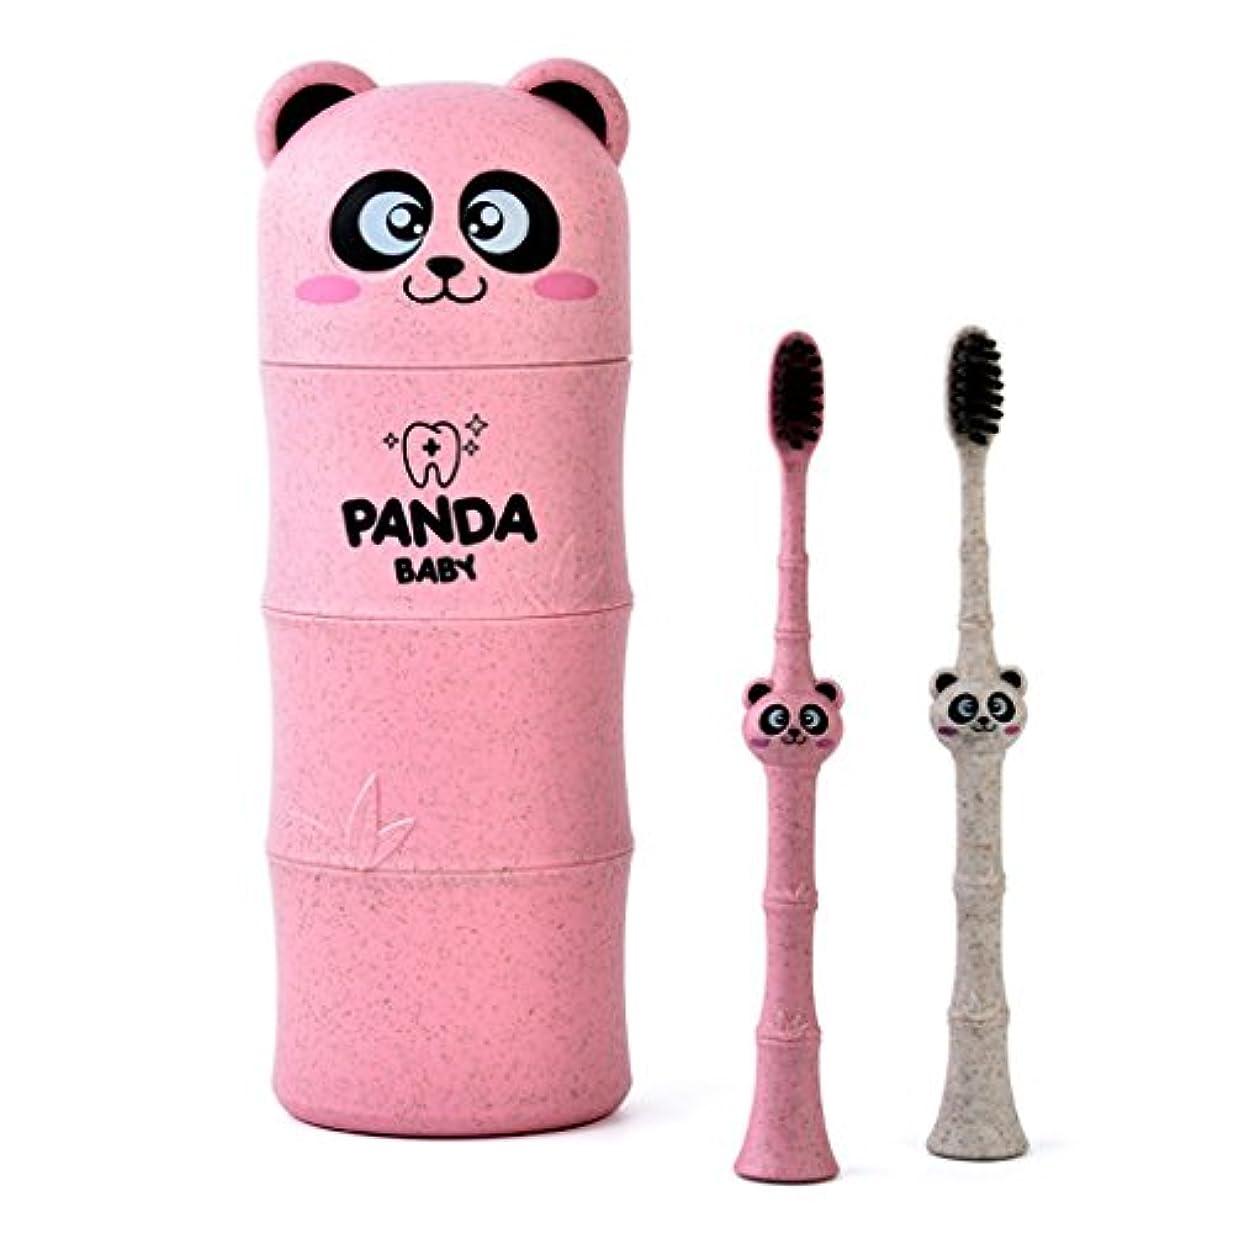 くしゃみねじれ与えるManyao 1セットベビー歯ブラシ小麦ストロー漫画パンダ幼児子供歯科口腔ケア (ピンク)